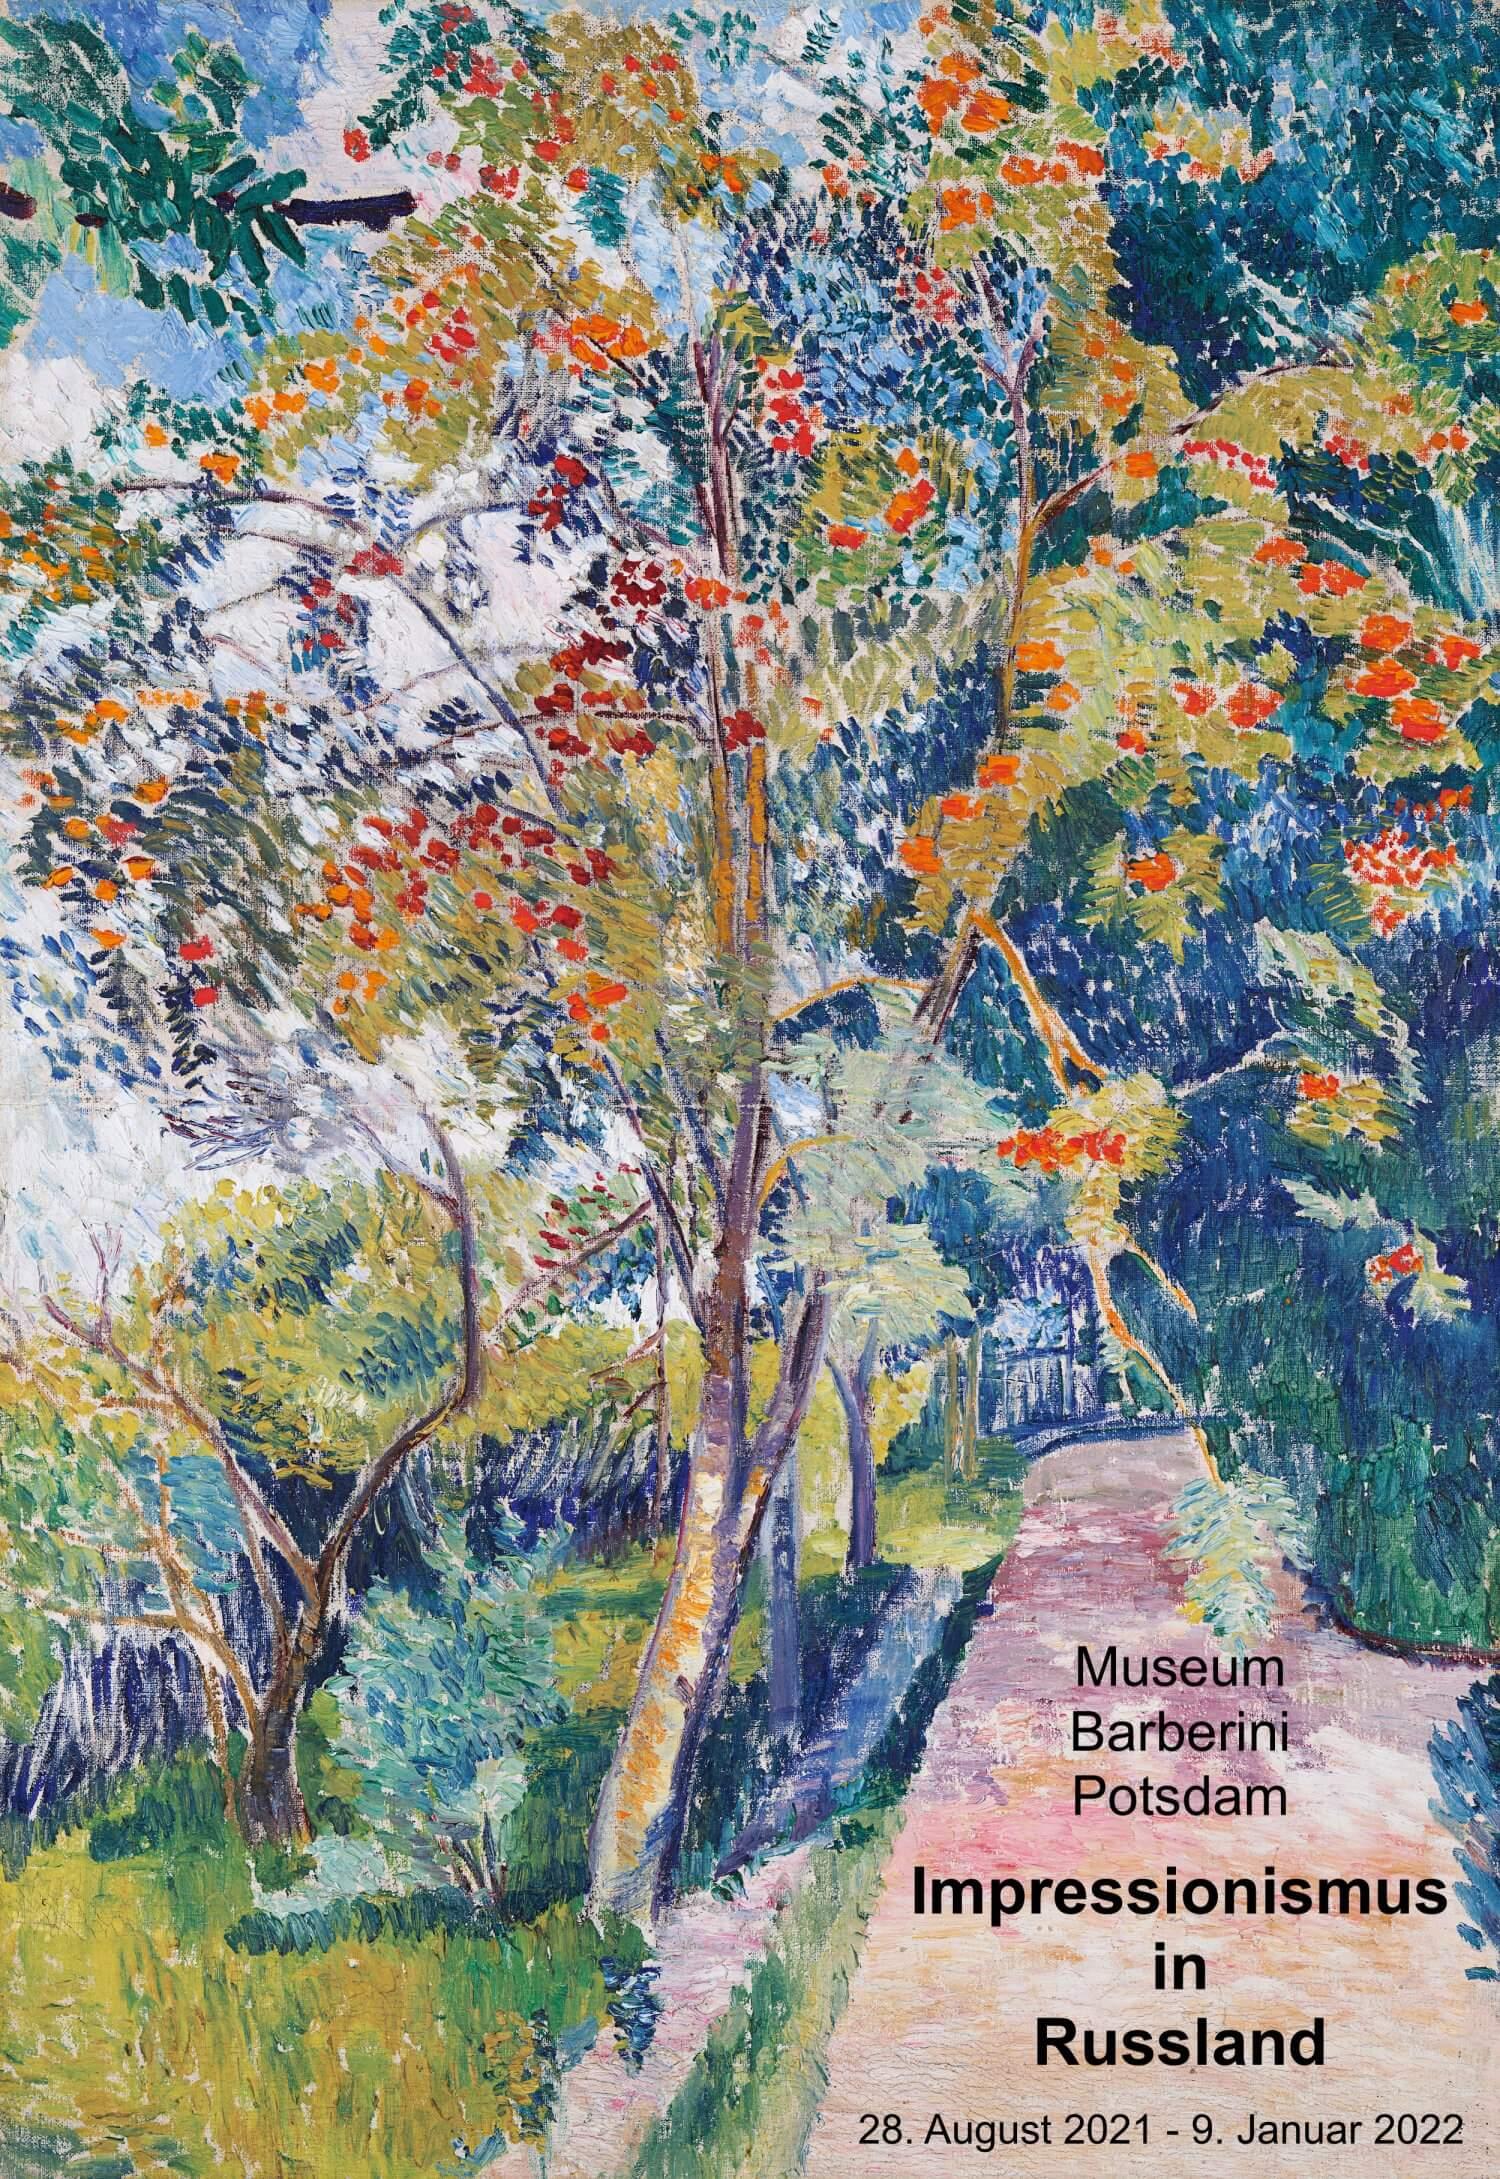 Impressionismus in Russland. Aufbruch zur Avantgarde.